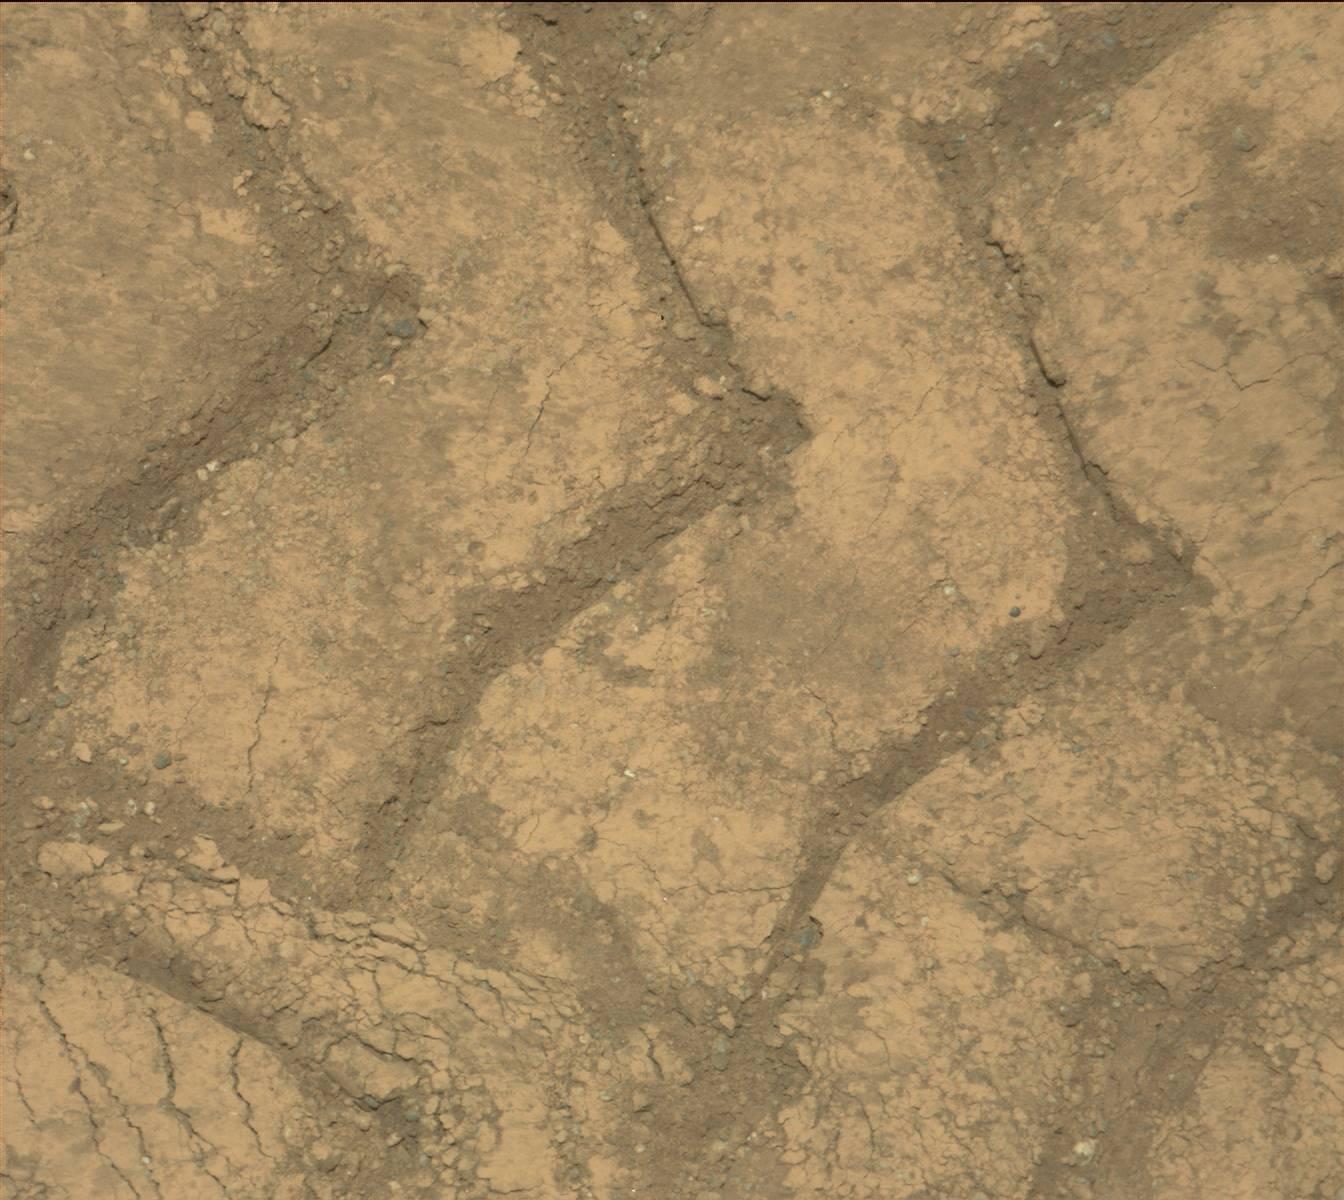 cosas raras que pasan en Marte 0377MR1551001000E2_DXXX